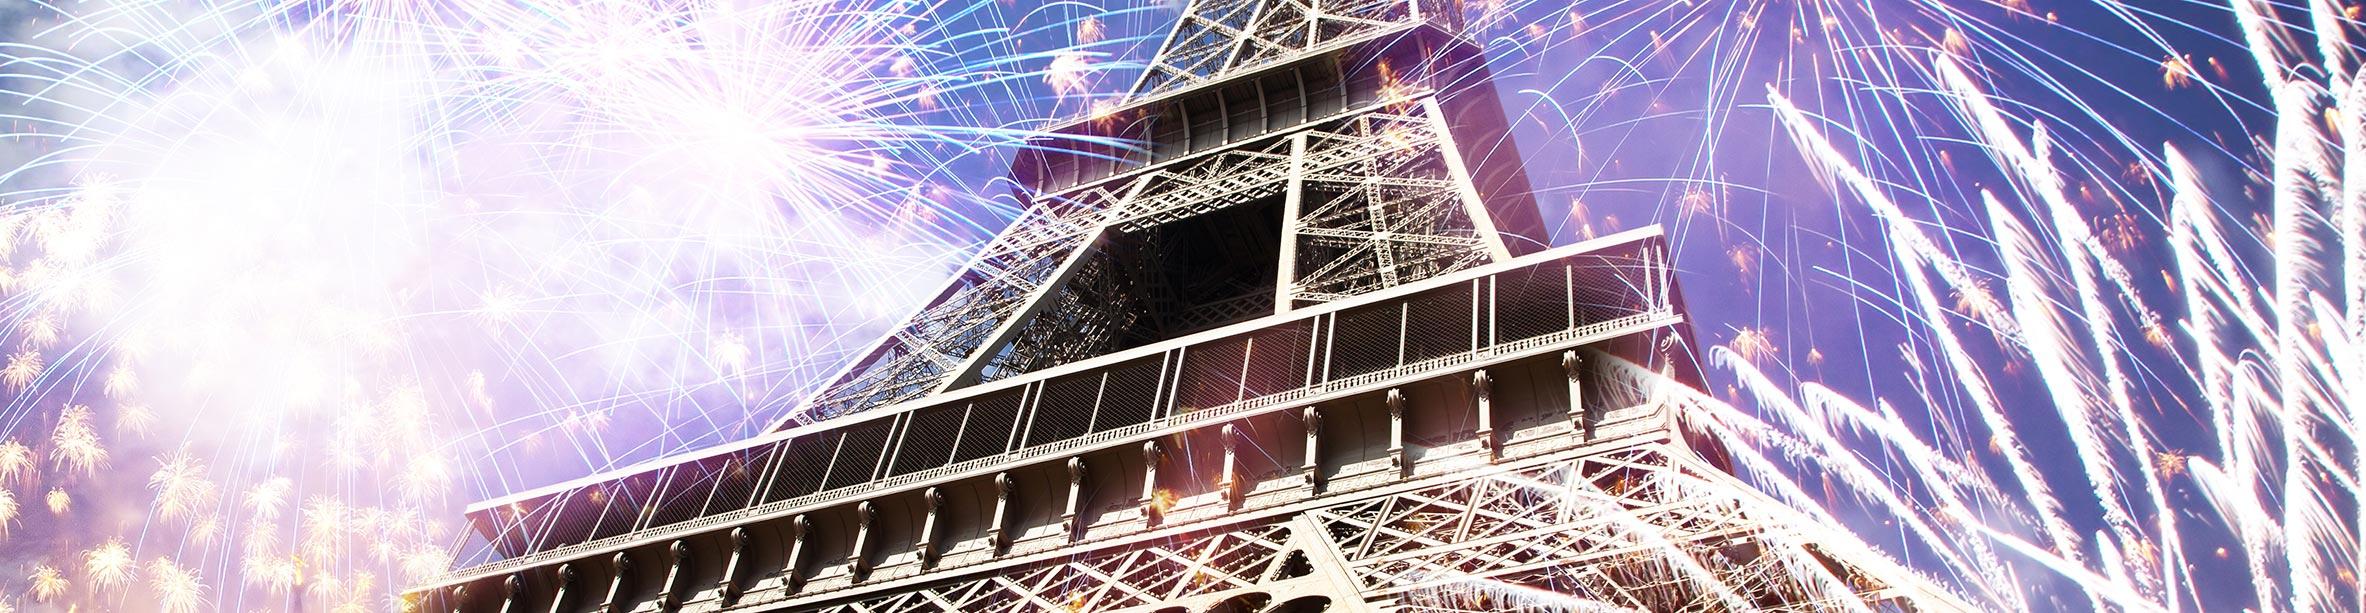 Viaggio Capodanno a Parigi | Boscolo